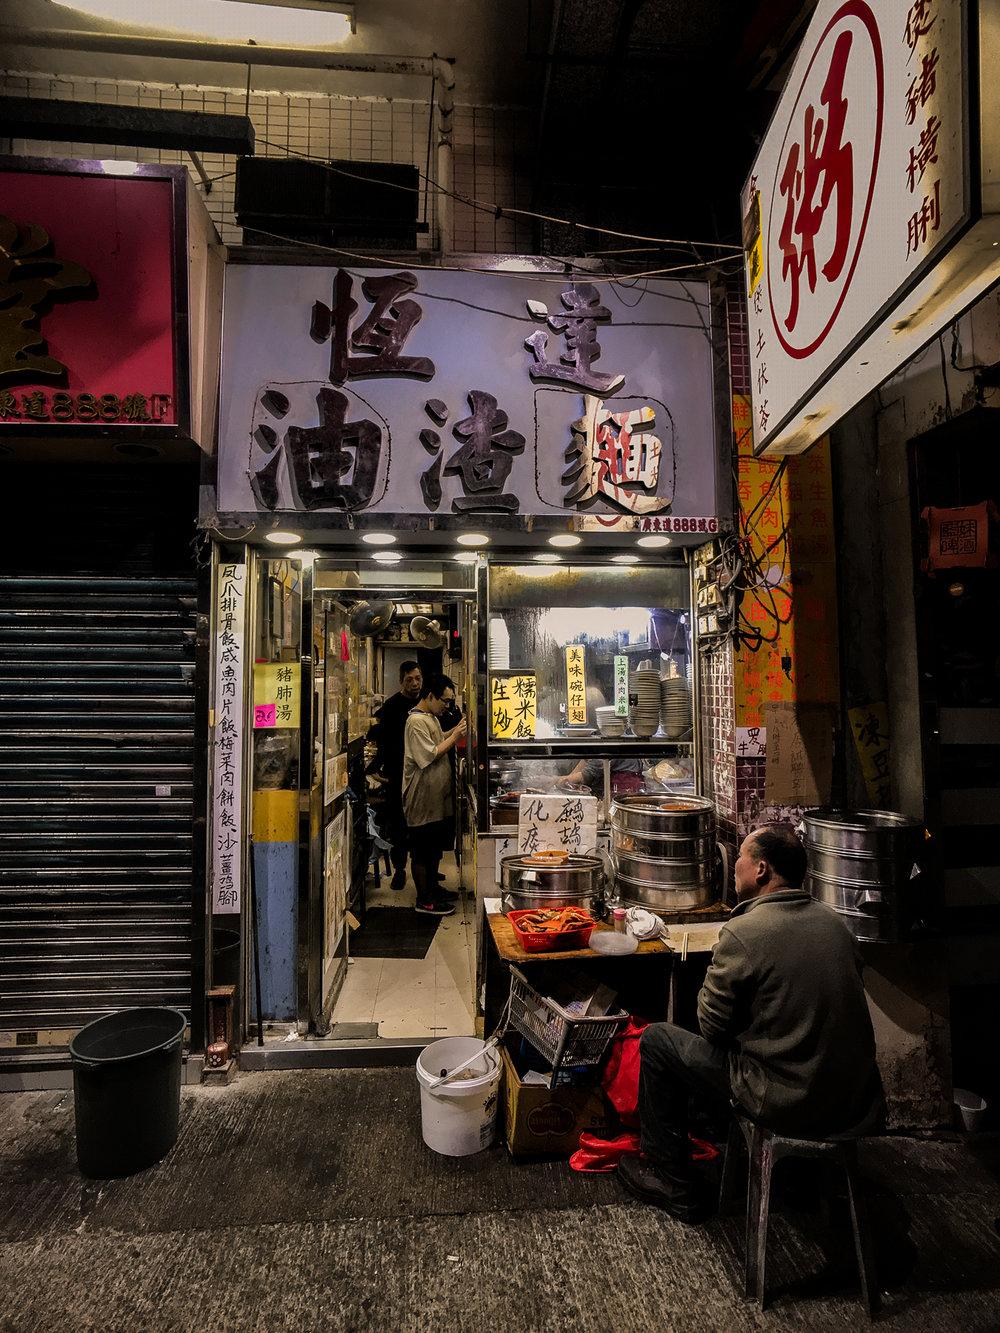 biyplay Snaps in Hong Kong - Yes! Please Enjoy-4.jpg